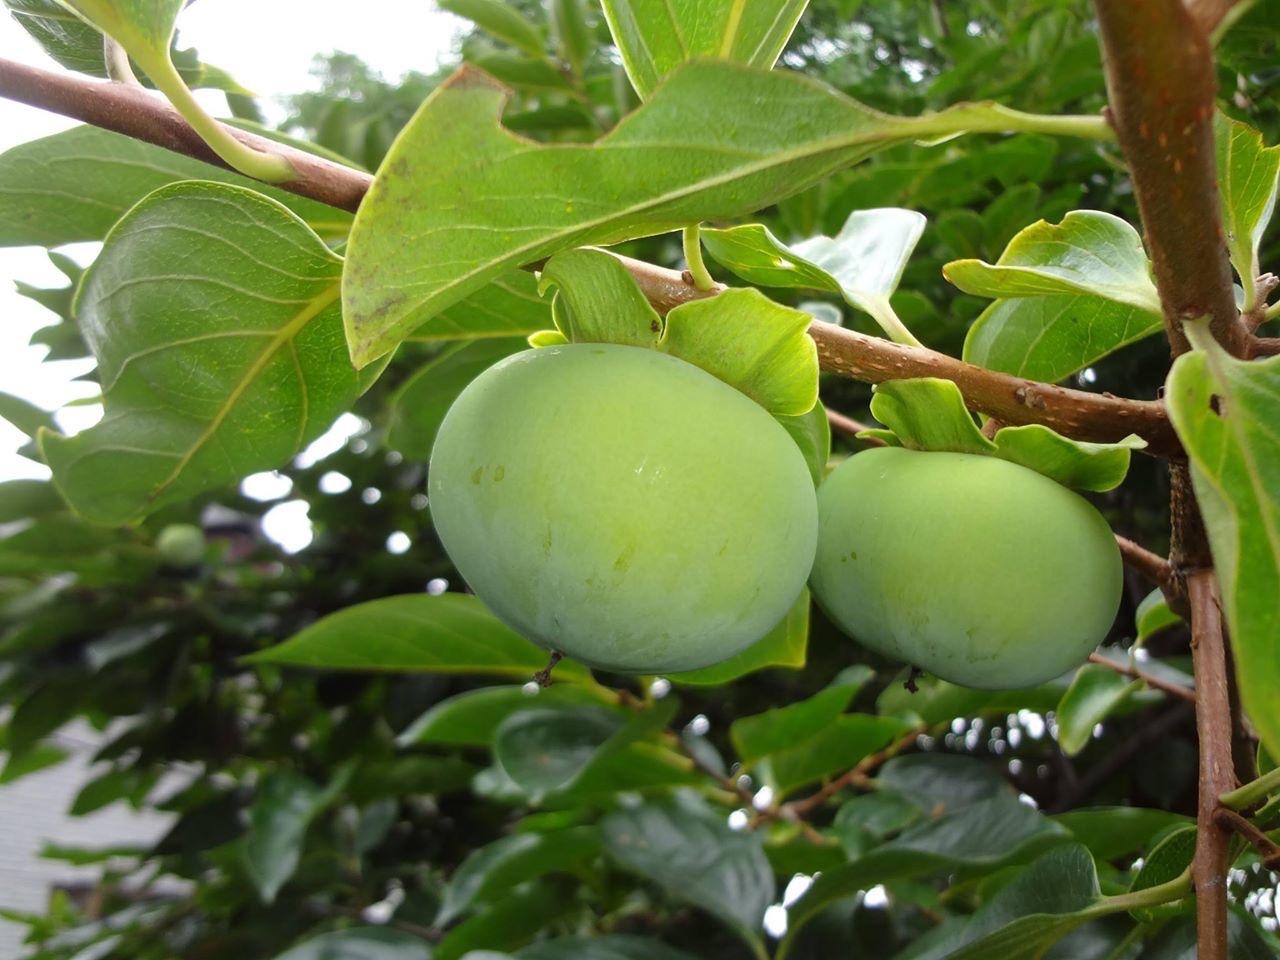 柿(かき)の実も大きくなっています。